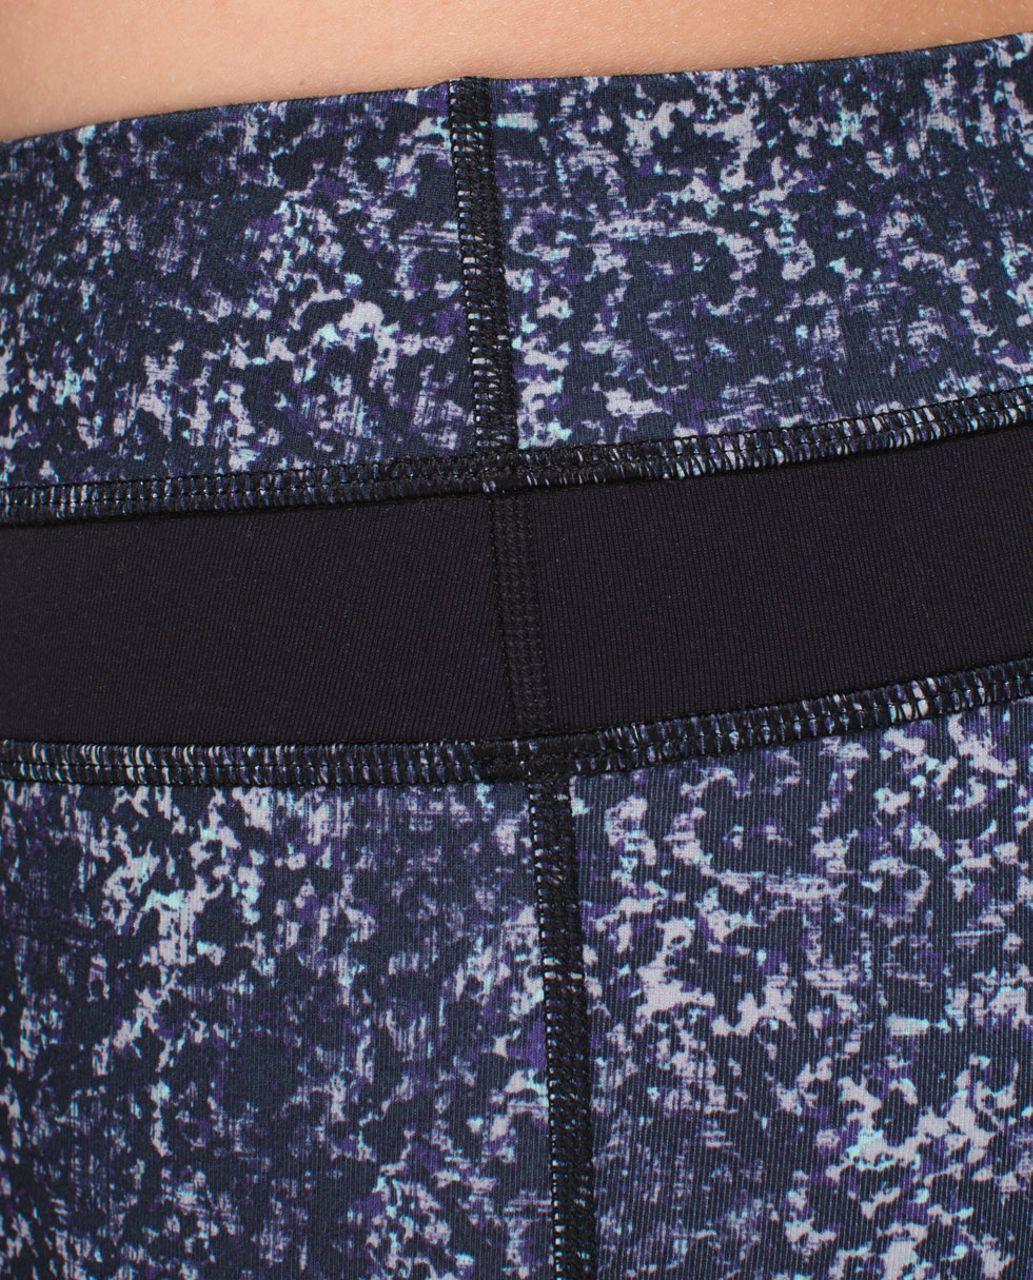 Lululemon Skinny Groove Pant *Full-On Luon - Rocky Road Sand Dune Toothpaste / Black